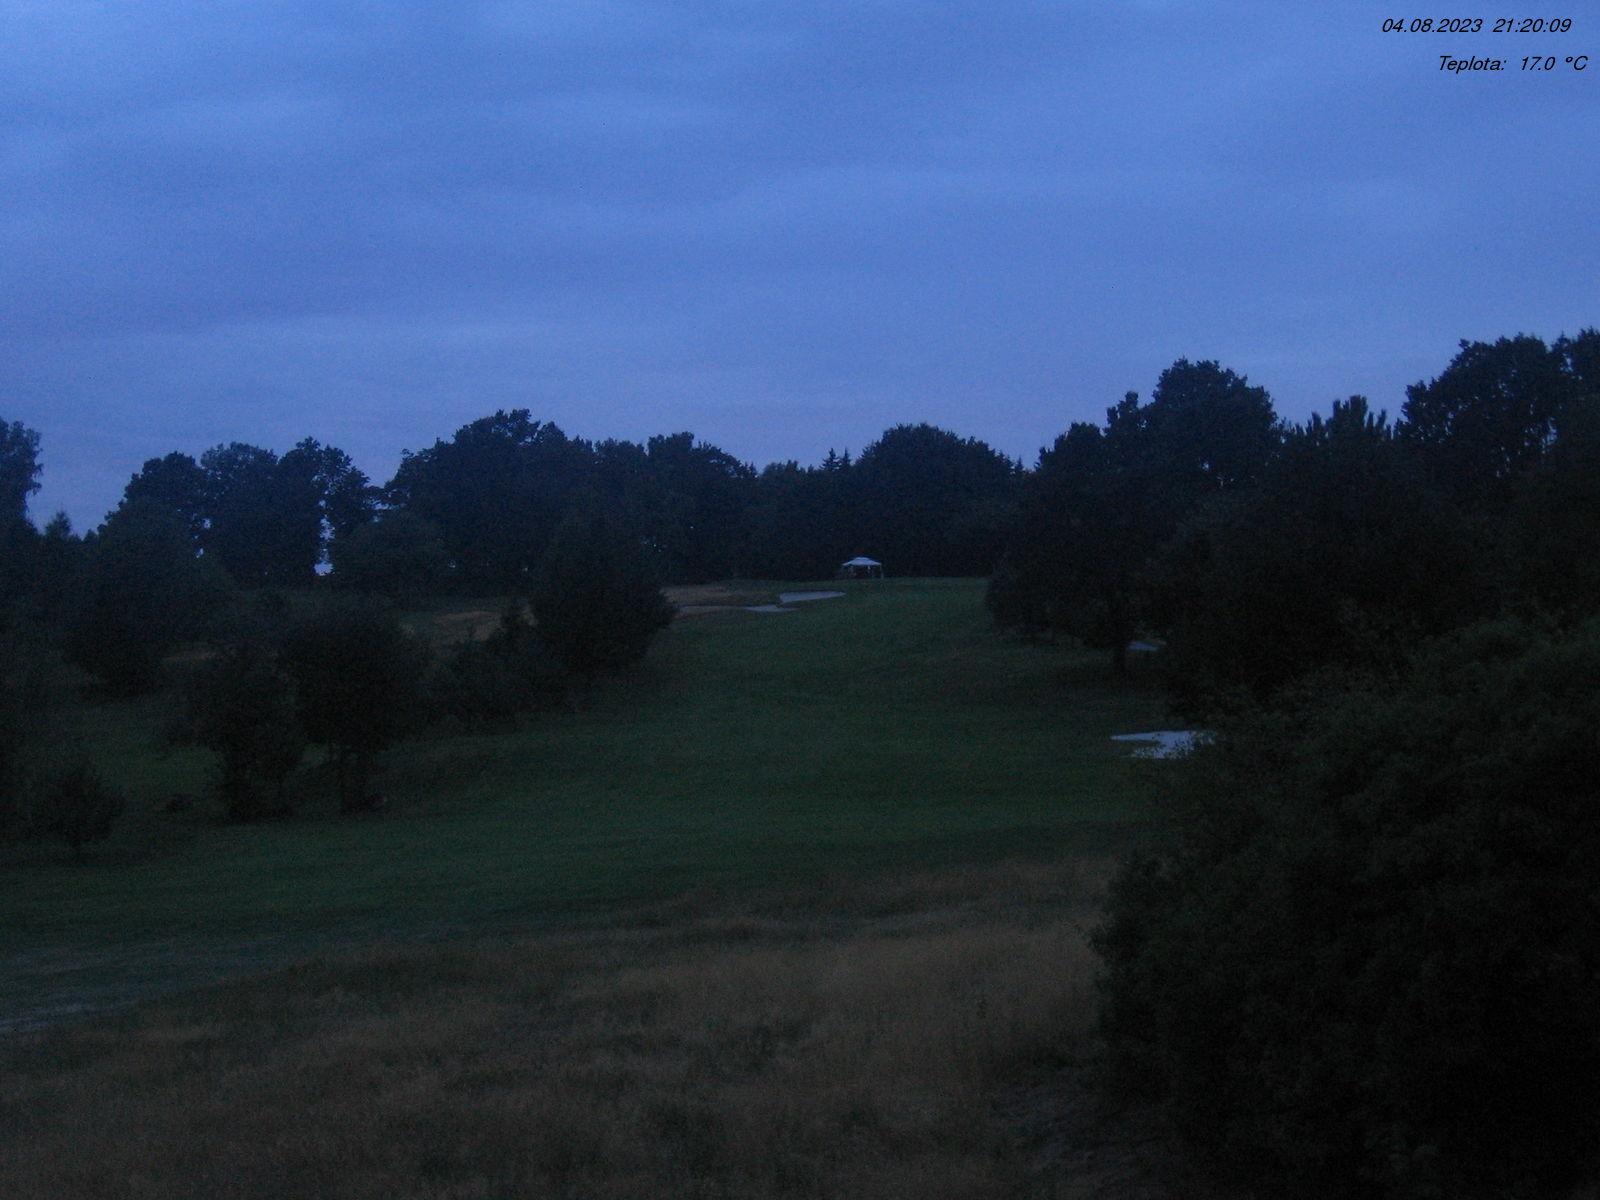 Aktualní snímek stanice Čertovo břemeno II